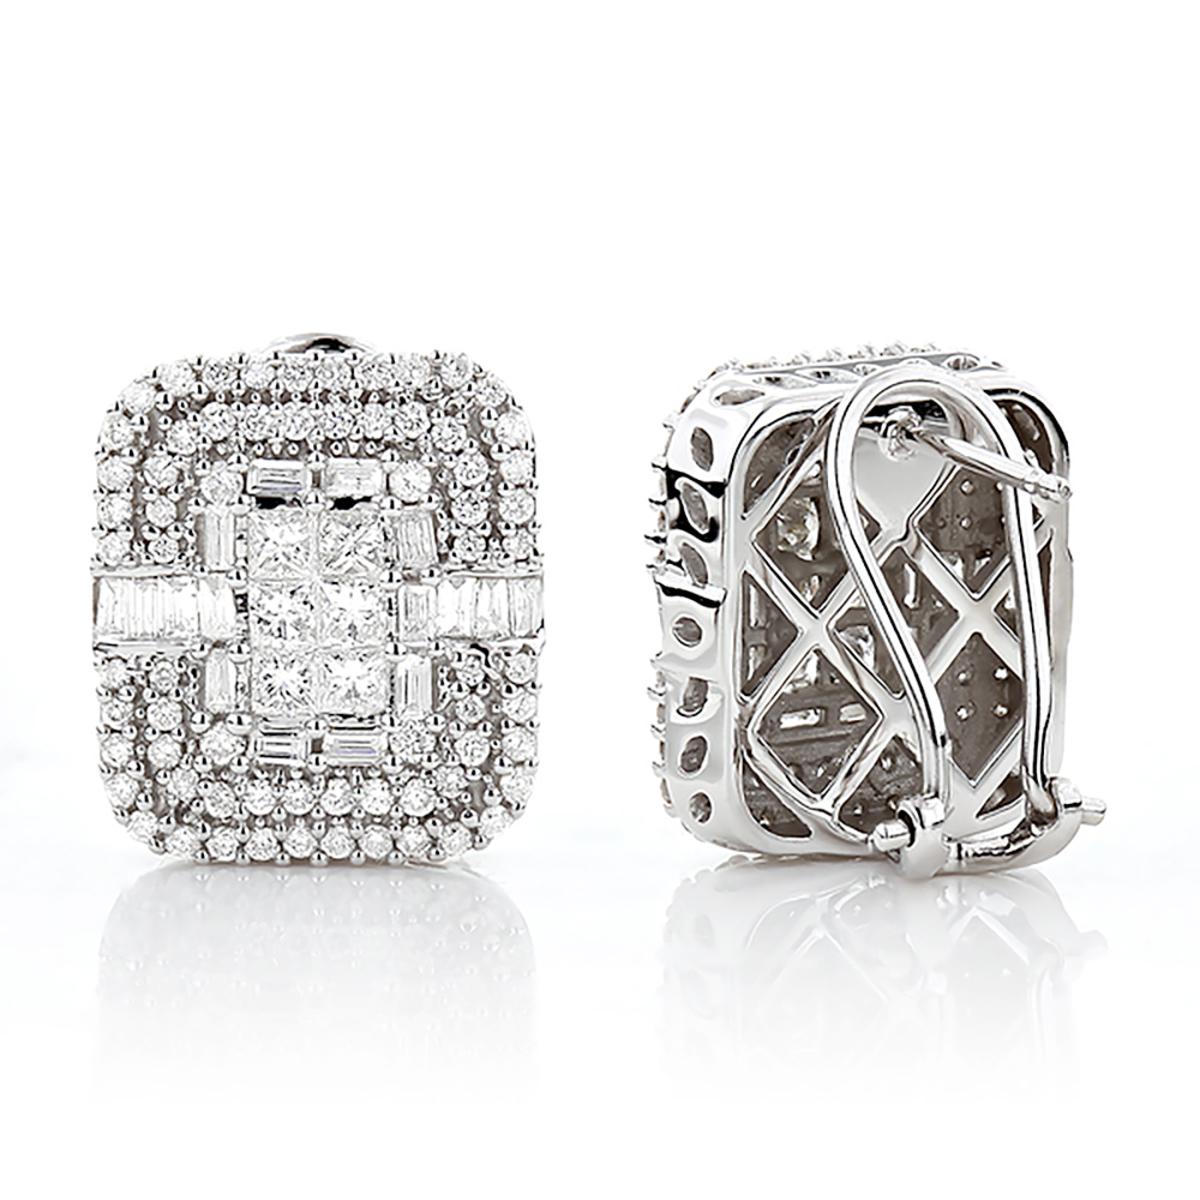 14K Gold Designer Diamond Earrings Multi-Tier 2.48ct